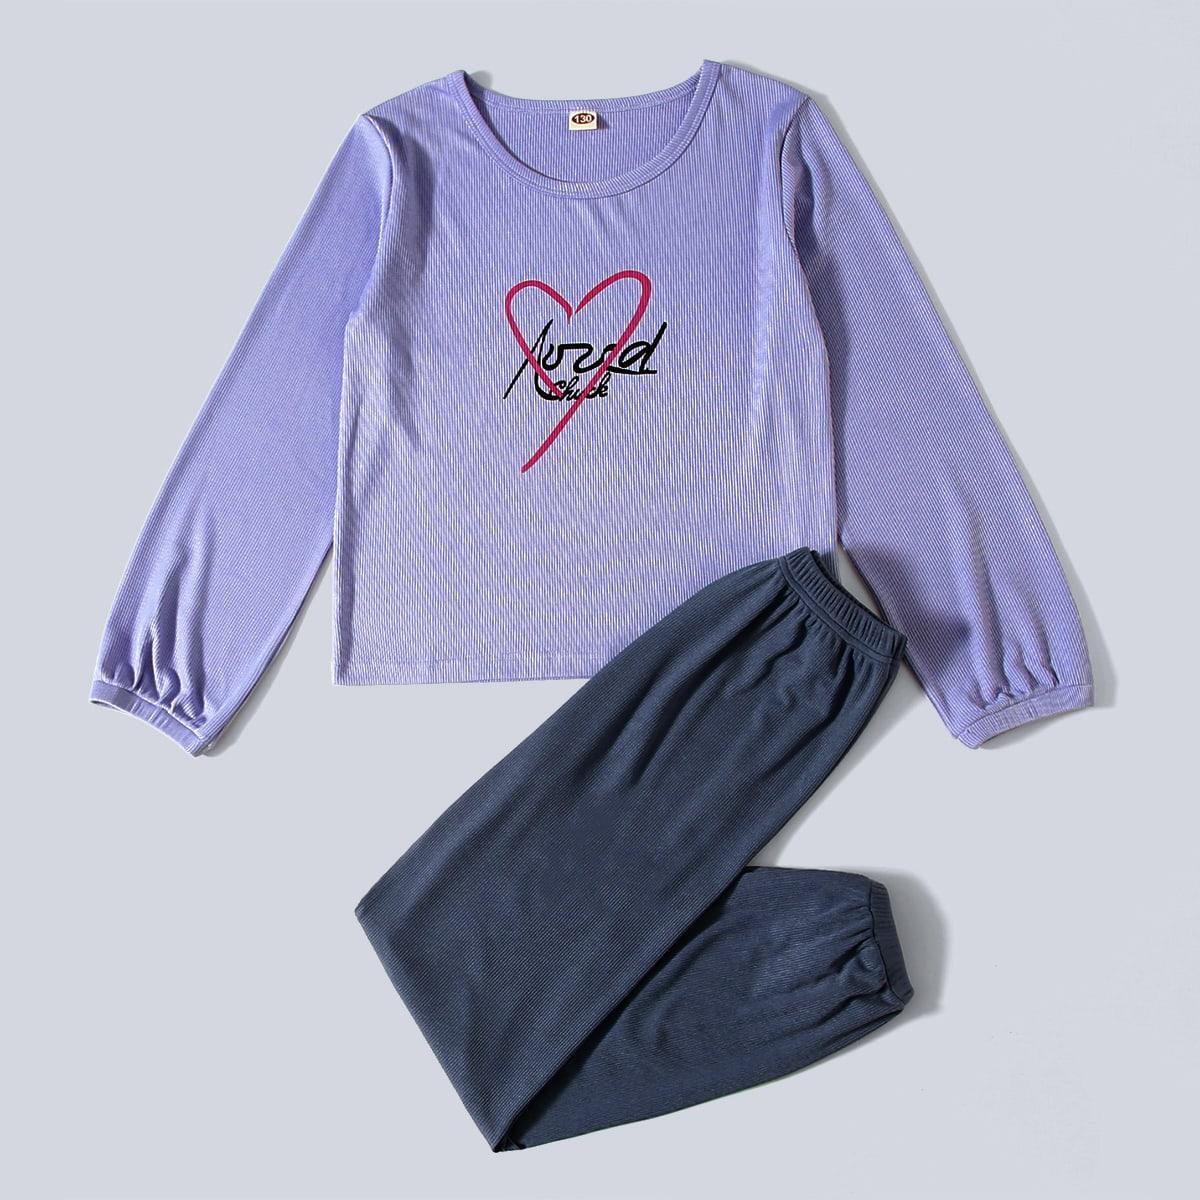 Трикотажный буква повседневный домашняя одежда для девочек